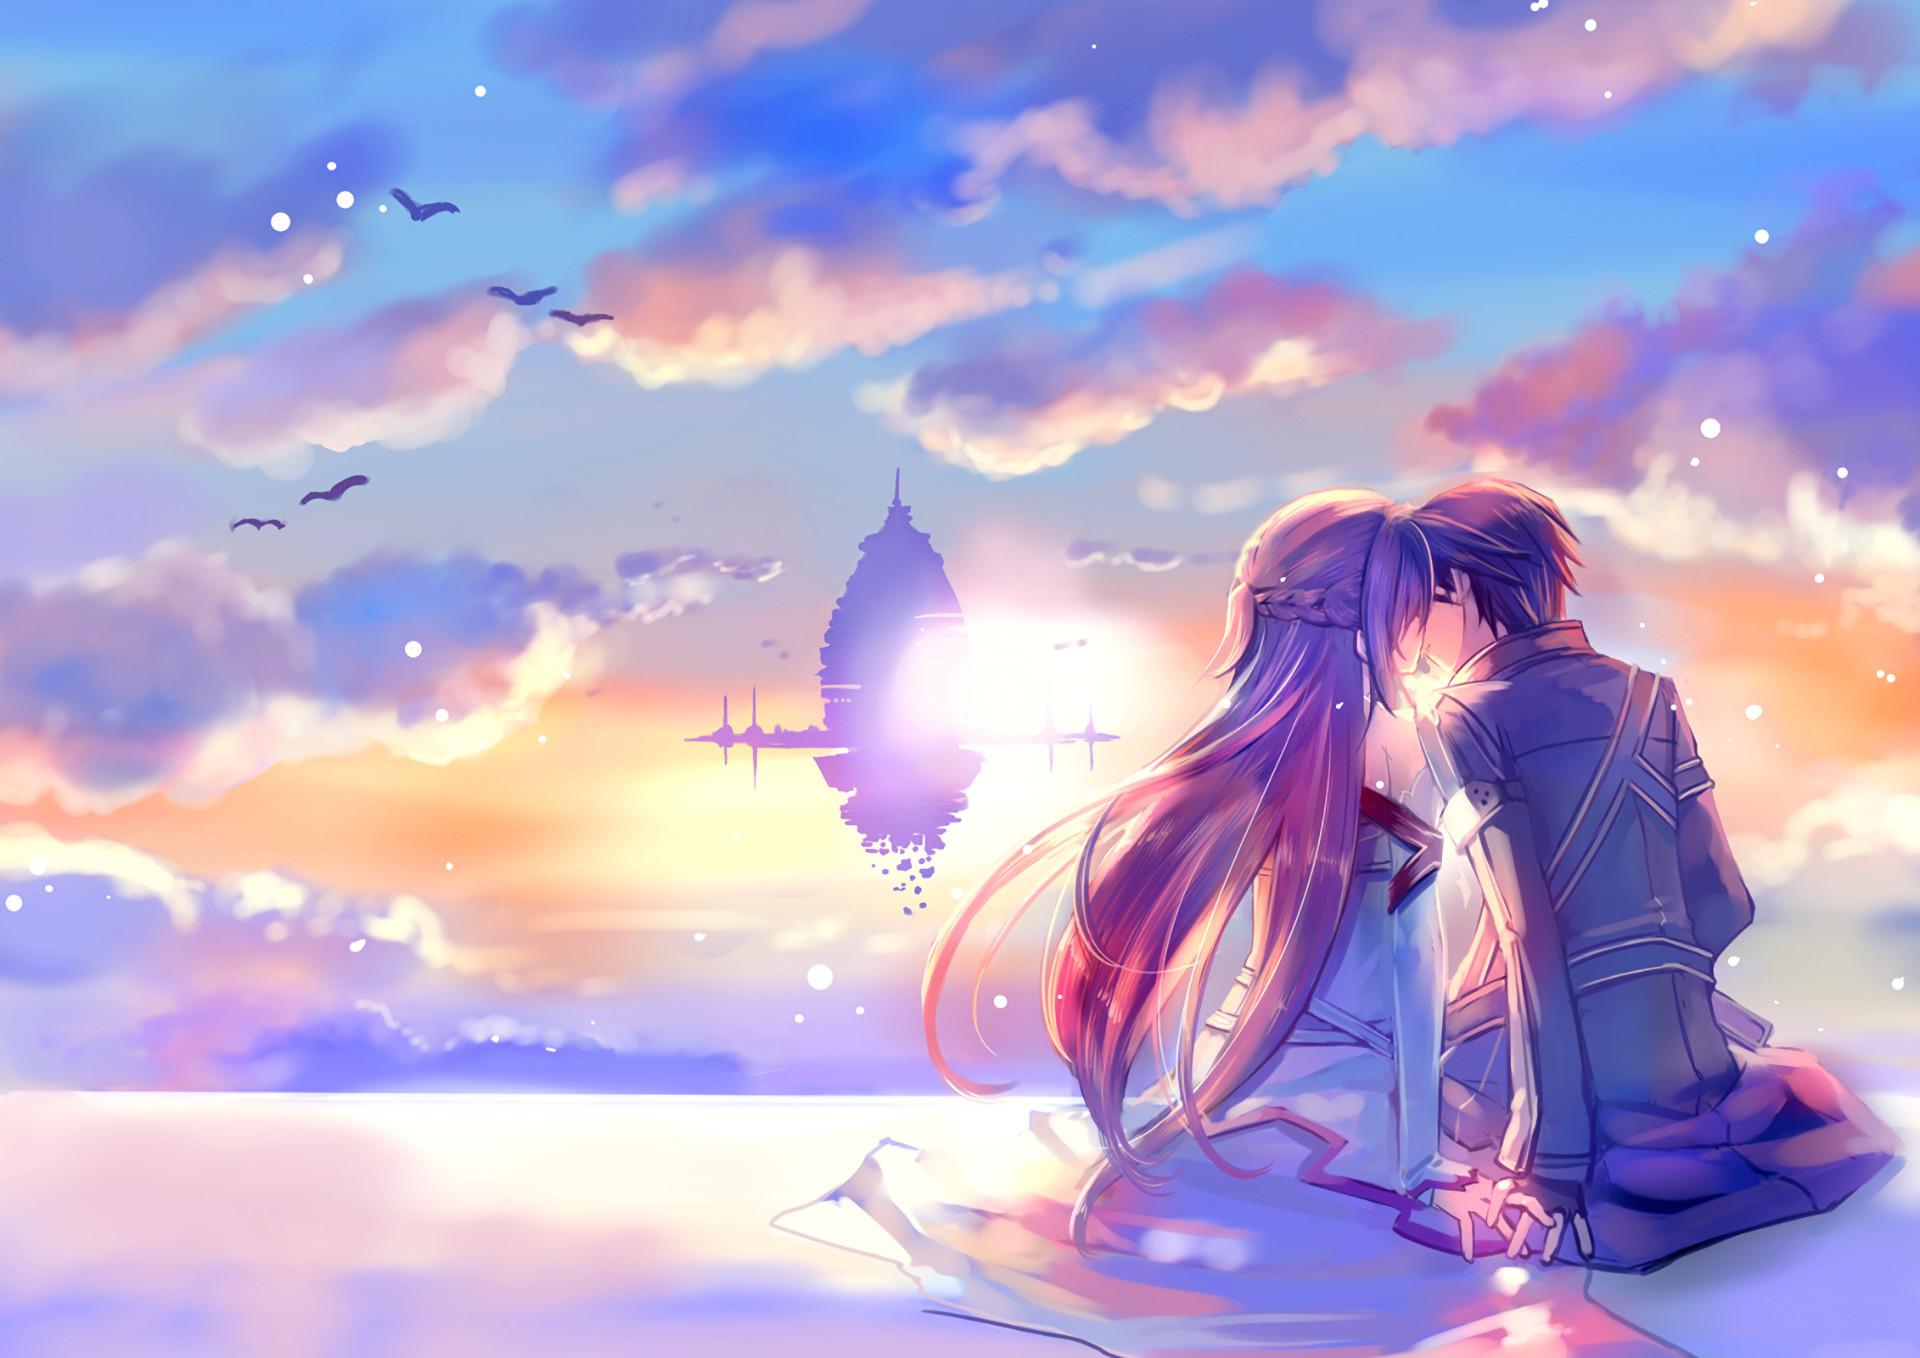 … Sword Art Online Yui · HD Wallpaper | Background ID:314574